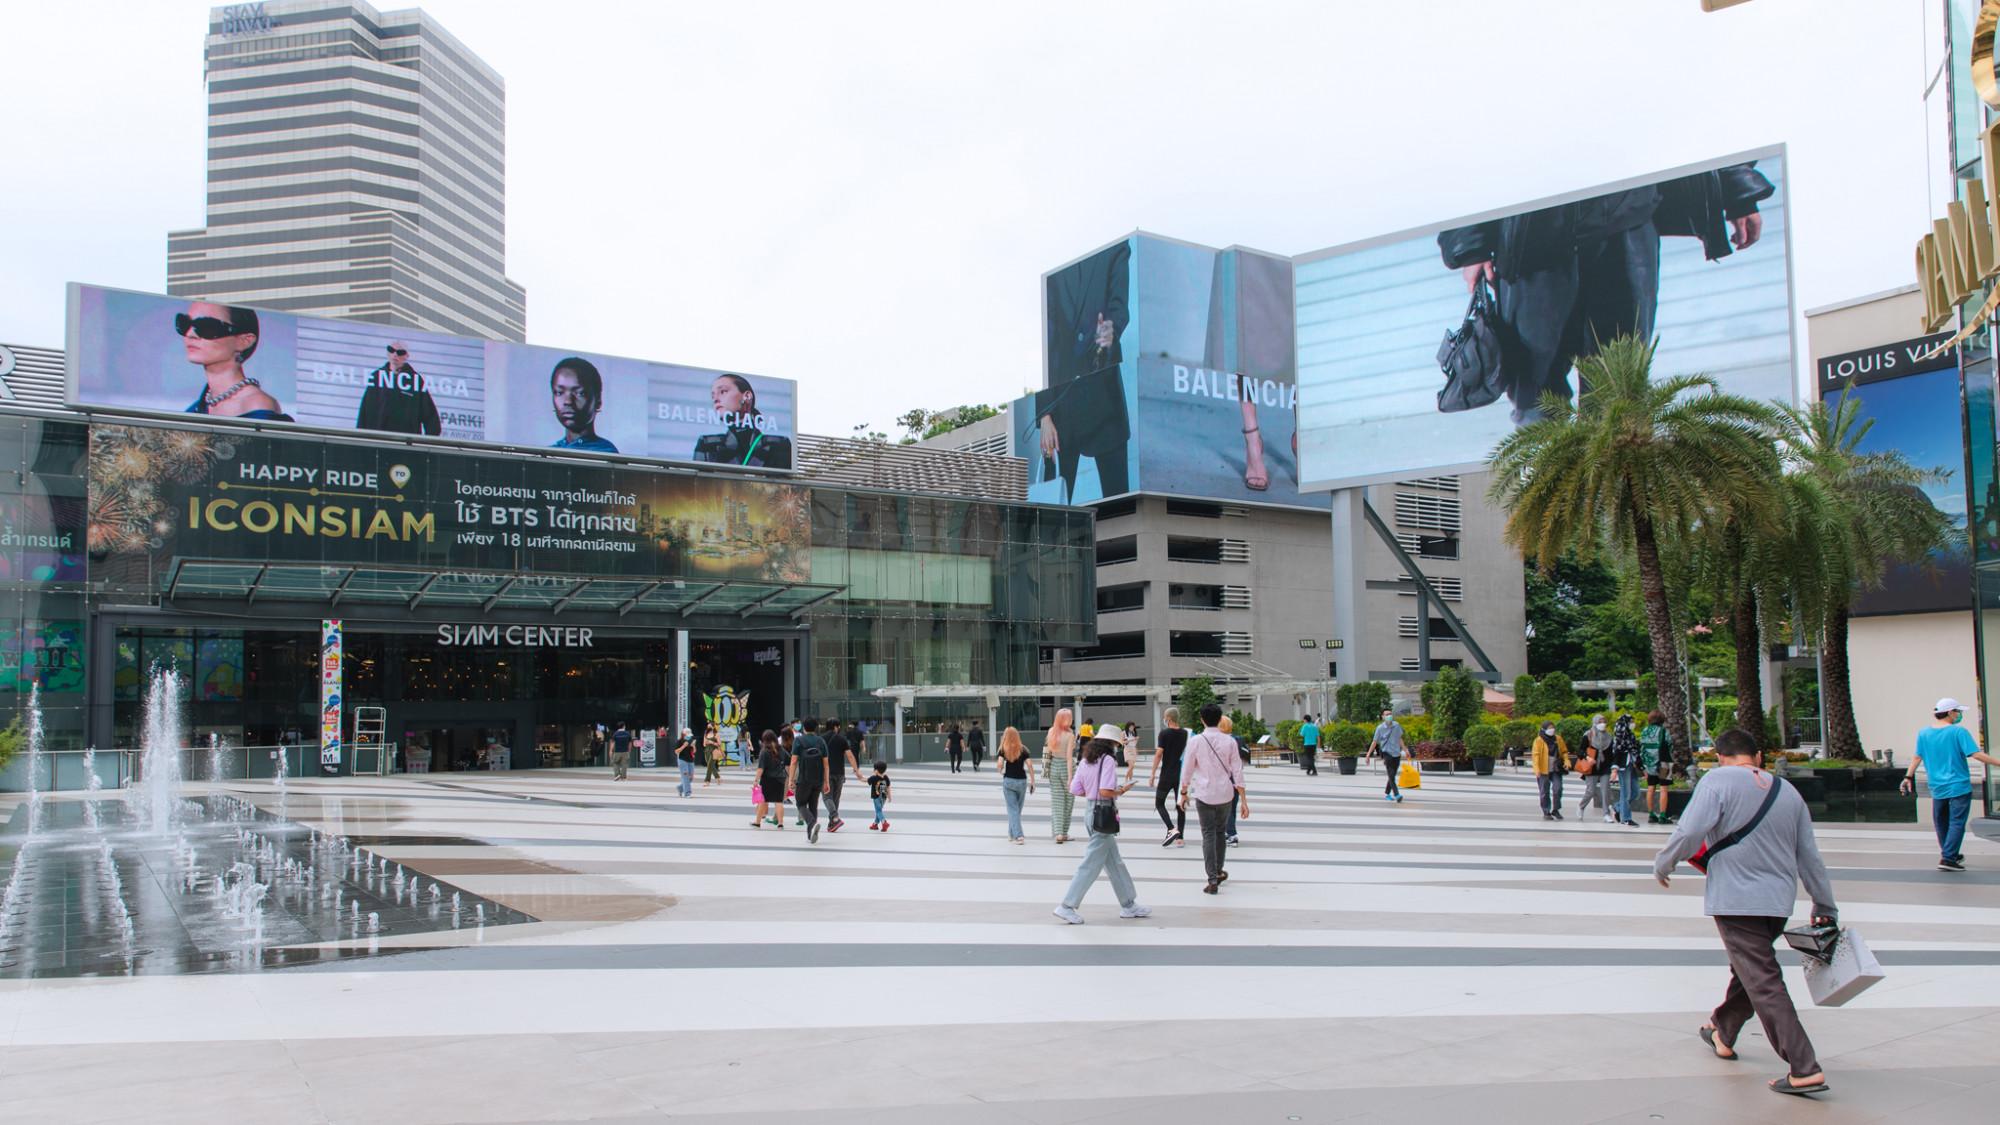 """Thái Lan: Ngay đầu tiên dỡ bỏ hạn chế, người dân vui mừng được trở lại cuộc sống bình thường nhưng tỏ ra khá thận trọng và dè chừng, tại các trung tâm mua sắm lớn và công viên bắt đầu ghi nhận một số ít lượt khách. Từ ngày 1/9, Thái Lan đã nới lỏng nhiều biện pháp phòng dịch COVID-19 nghiêm ngặt tại 29 tỉnh, thành phố bị ảnh hưởng nặng, áp dụng biện pháp mới """"Kiểm soát thông minh và sống chung với COVID-19"""", nhằm từng bước đưa đất nước quay trở lại cuộc sống bình thường mới.  Các chuyến bay thương mại nội địa được nối lại, trung tâm mua sắm, tiệm cắt tóc, tiệm làm đẹp, massage và các câu lạc bộ thể thao được phép hoạt động trở lại. Các quán ăn được phép phục vụ khách đến 20 giờ nhưng phải đảm bảo nhân viên được tiêm chủng đầy đủ và xét nghiệm thường xuyên. Từ ngày 1/10, Thái Lan cũng bắt đầu tái mở cửa du lịch trở lại theo 4 giai đoạn."""